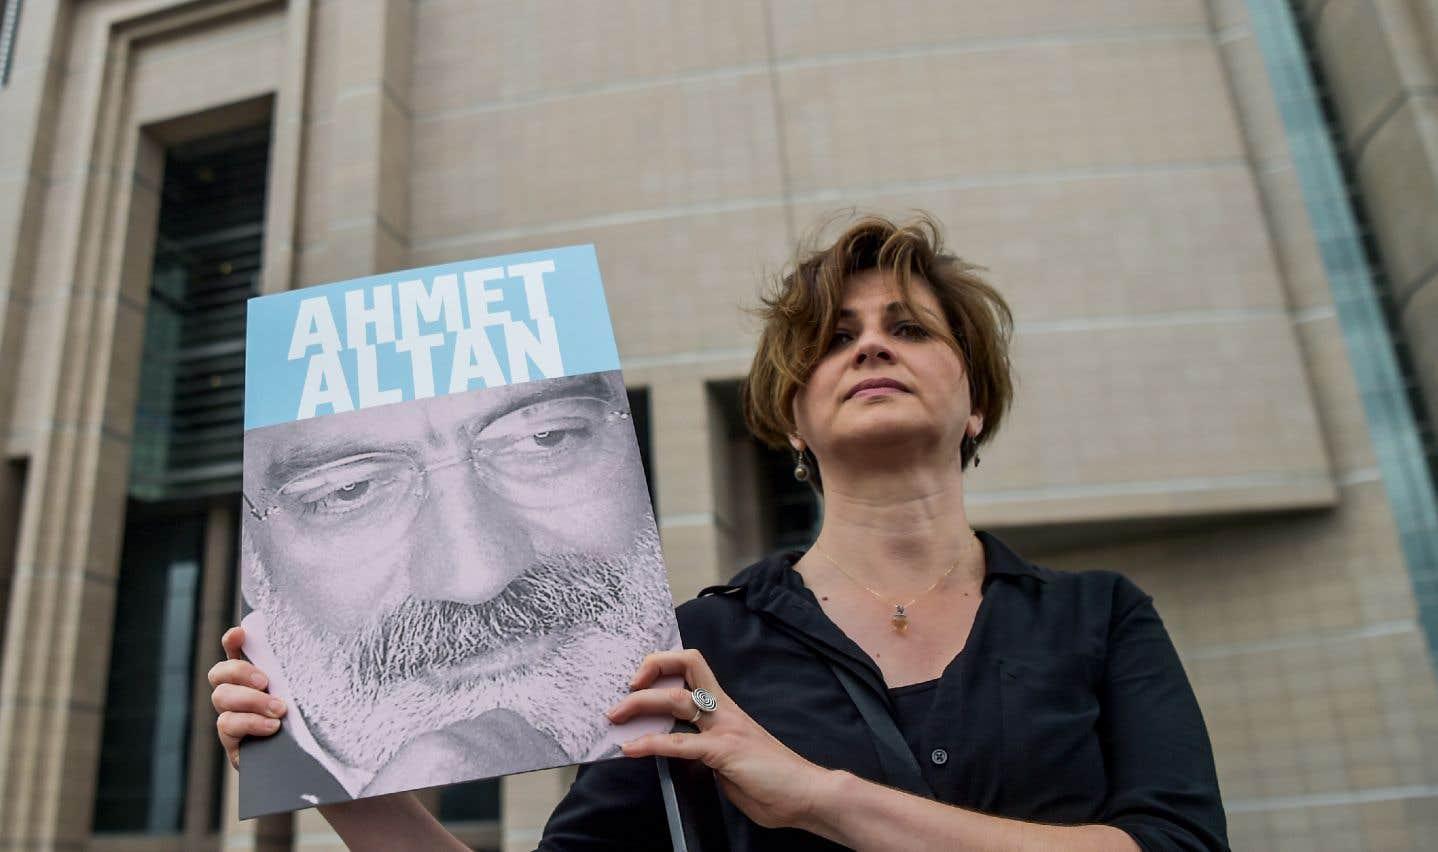 Depuis le putsch avorté en 2016, les autorités turques traquent sans relâche ceux qu'elles soupçonnent d'être des partisans du prédicateur Fethullah Gülen, qu'Ankara accuse d'être derrière le coup de force.